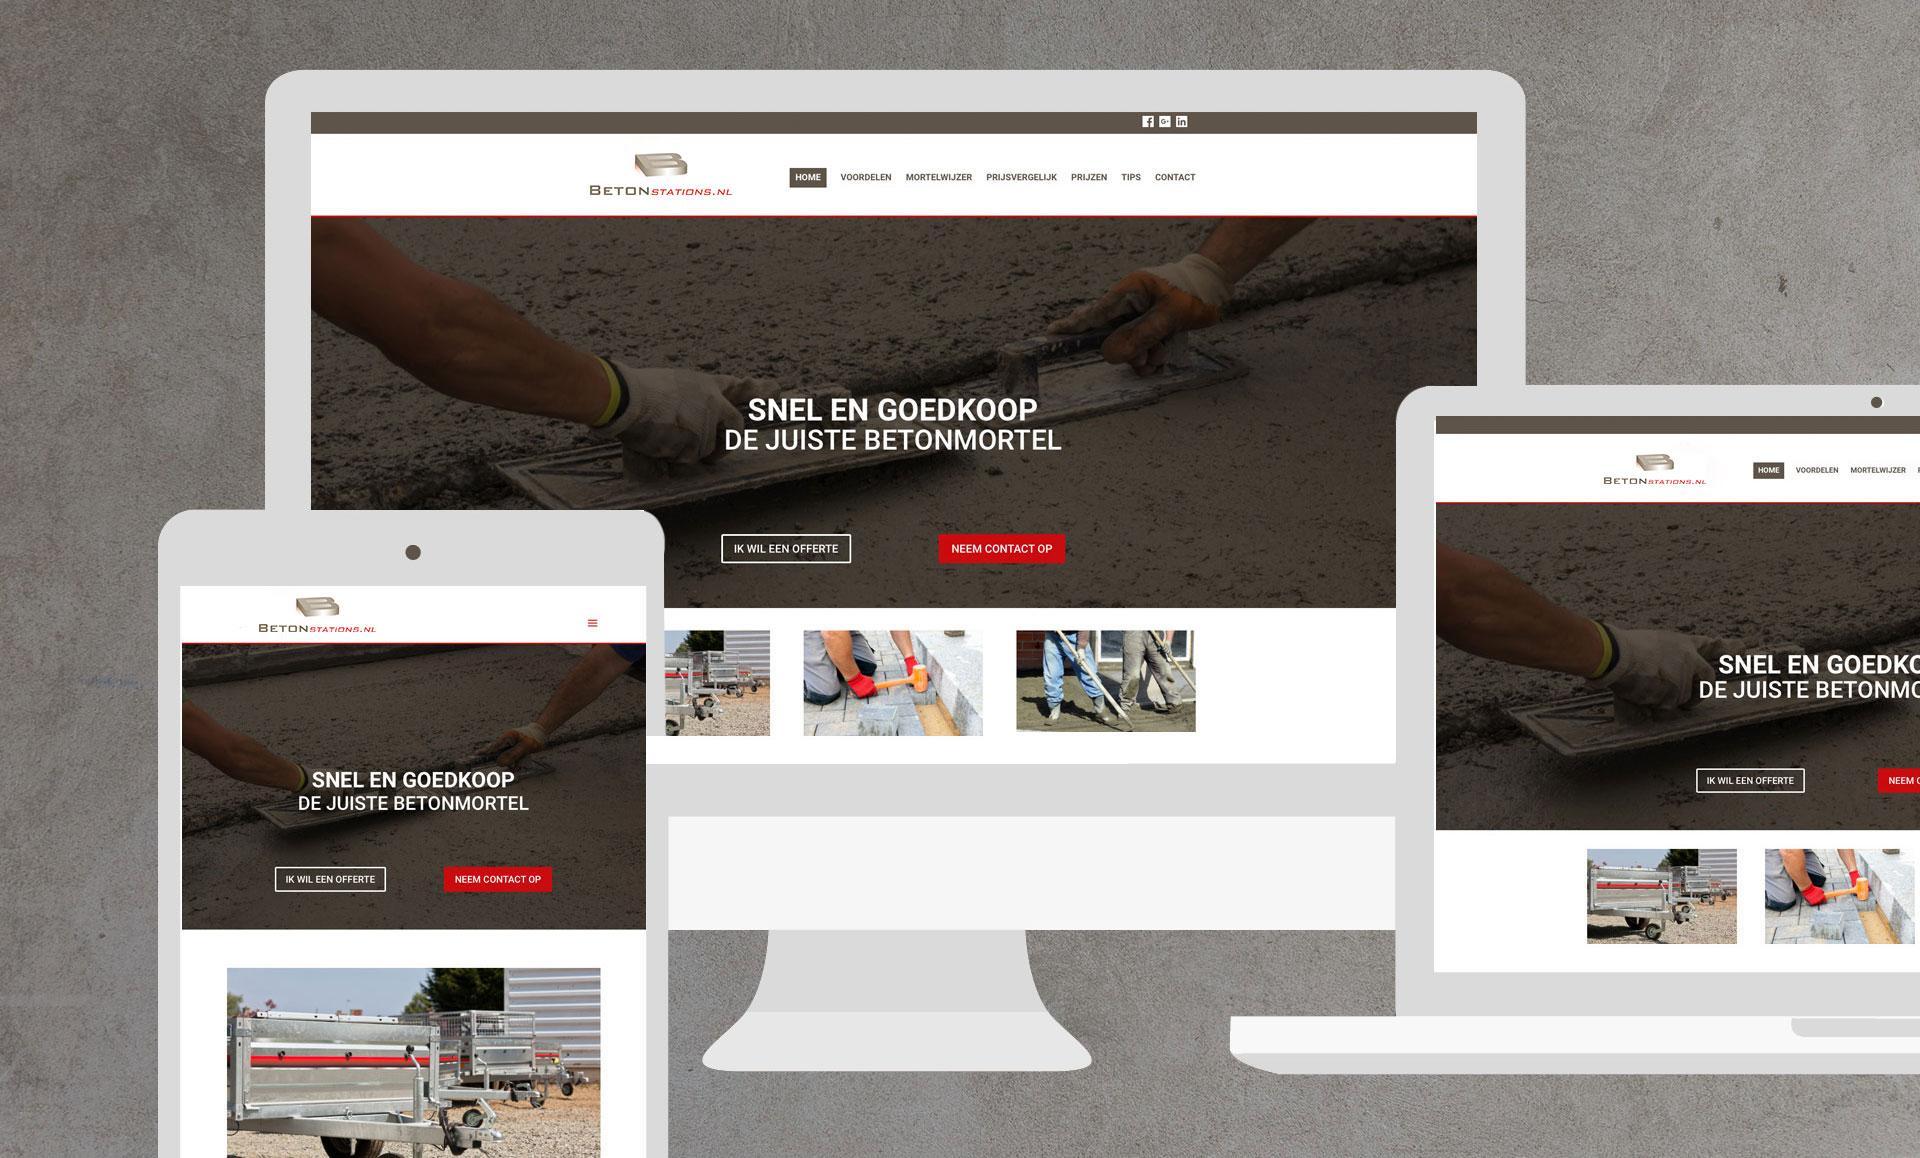 website-responsive-betonstations-1